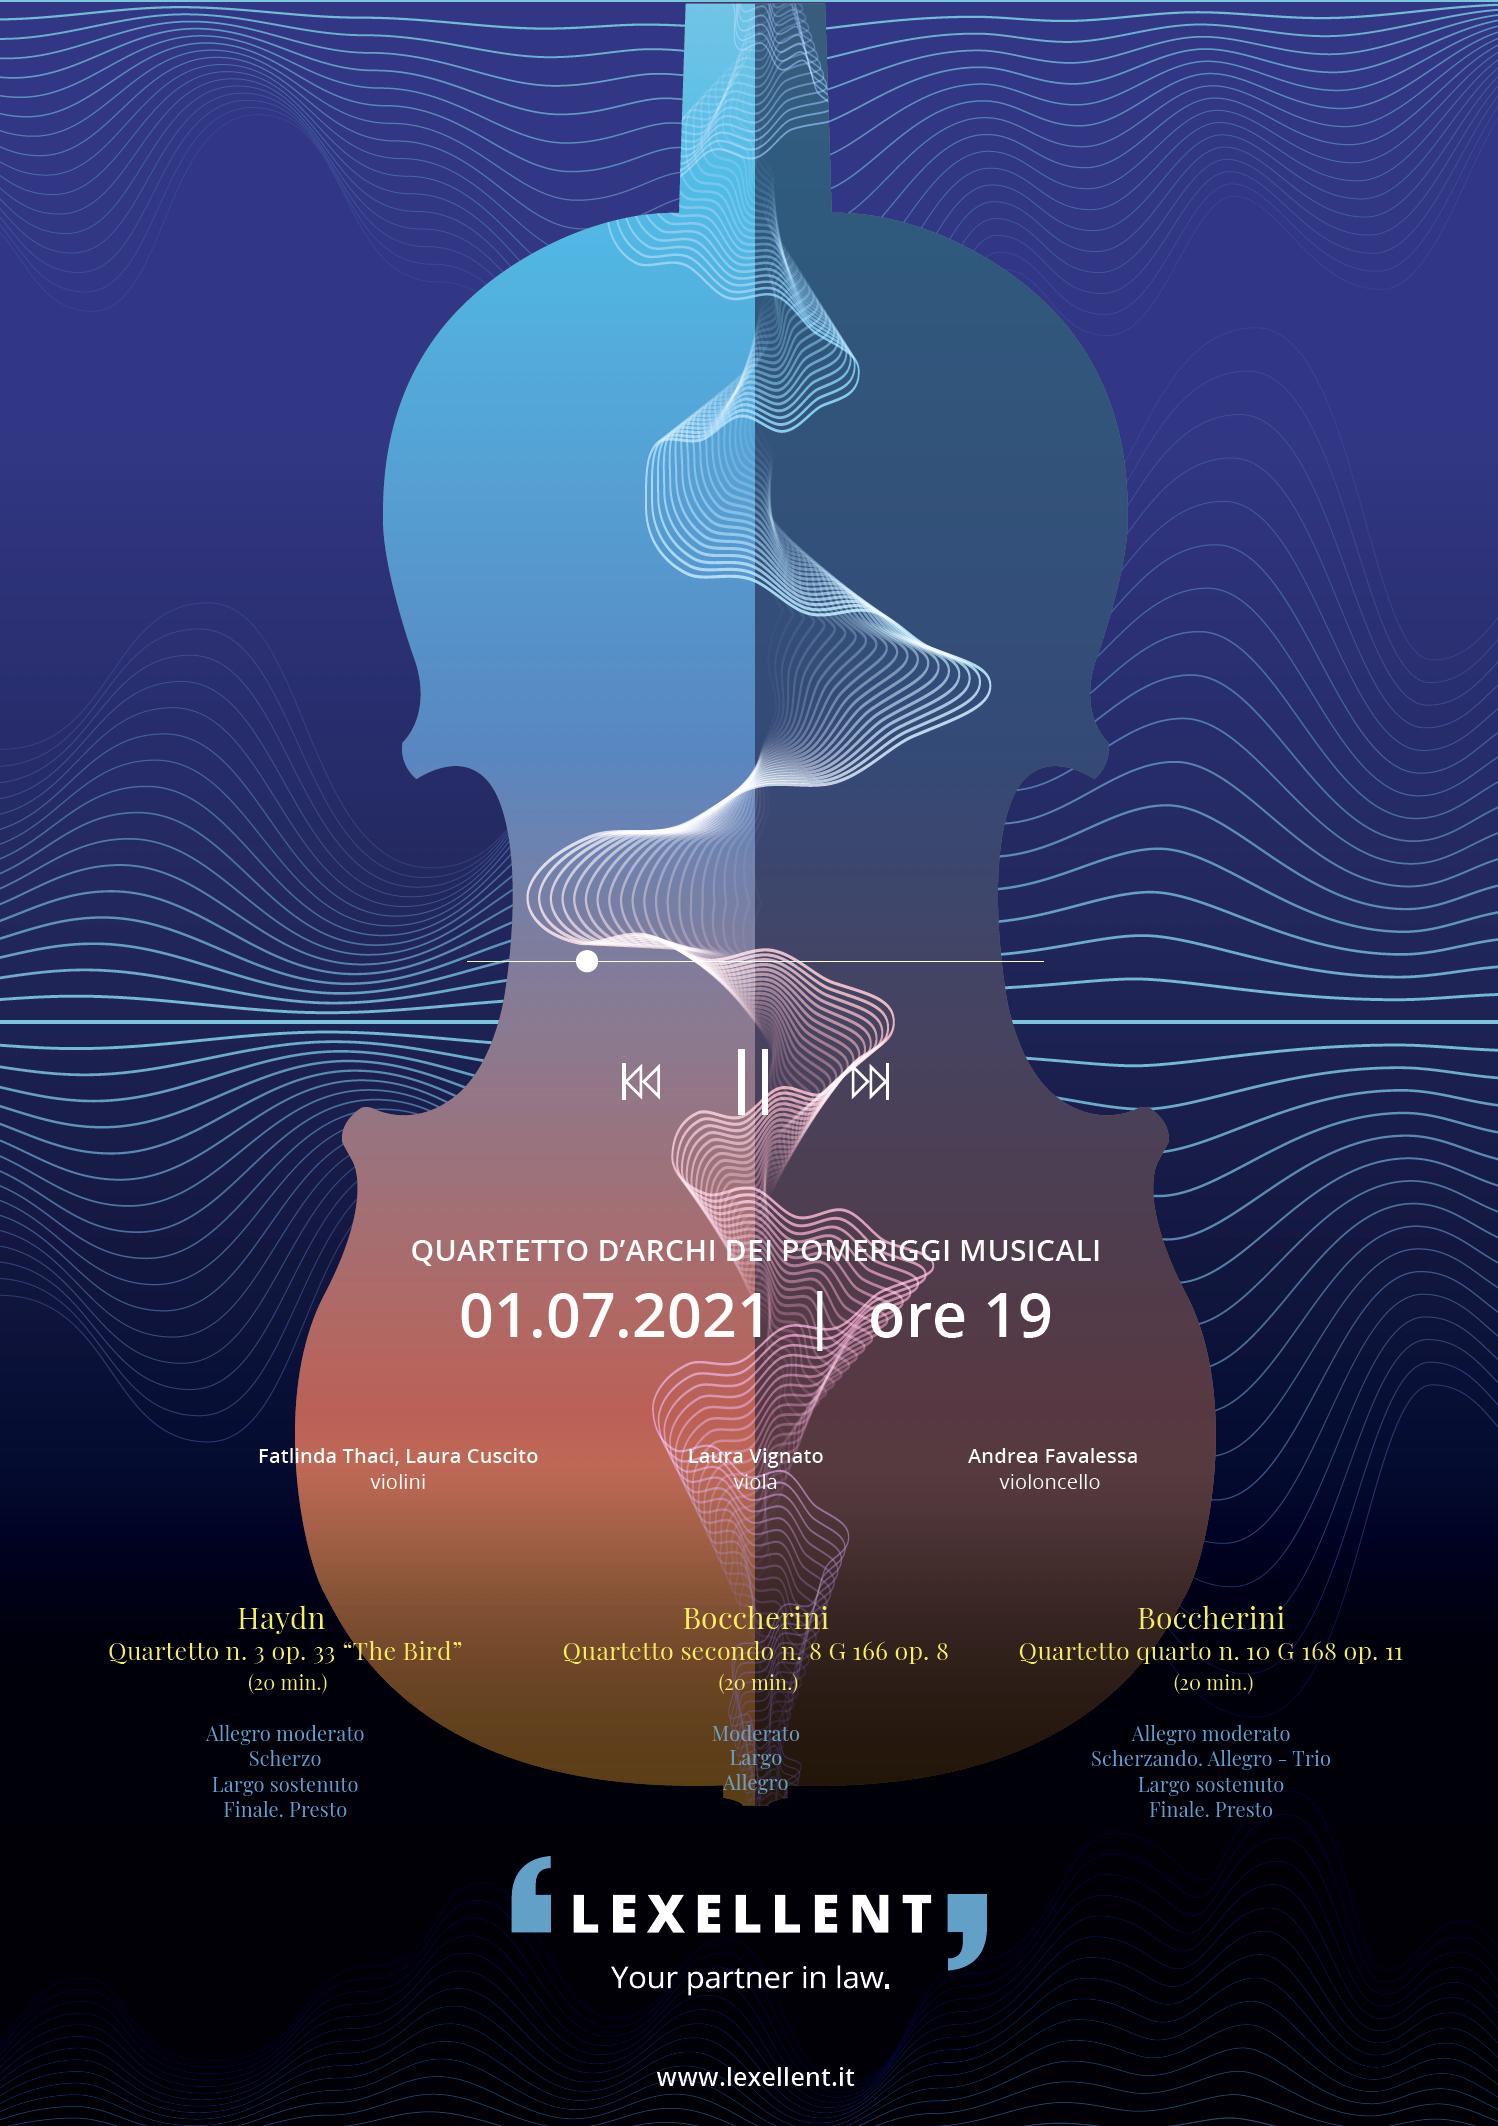 Evento estivo in diretta streaming: quartetto d'archi dei Pomeriggi Musicali